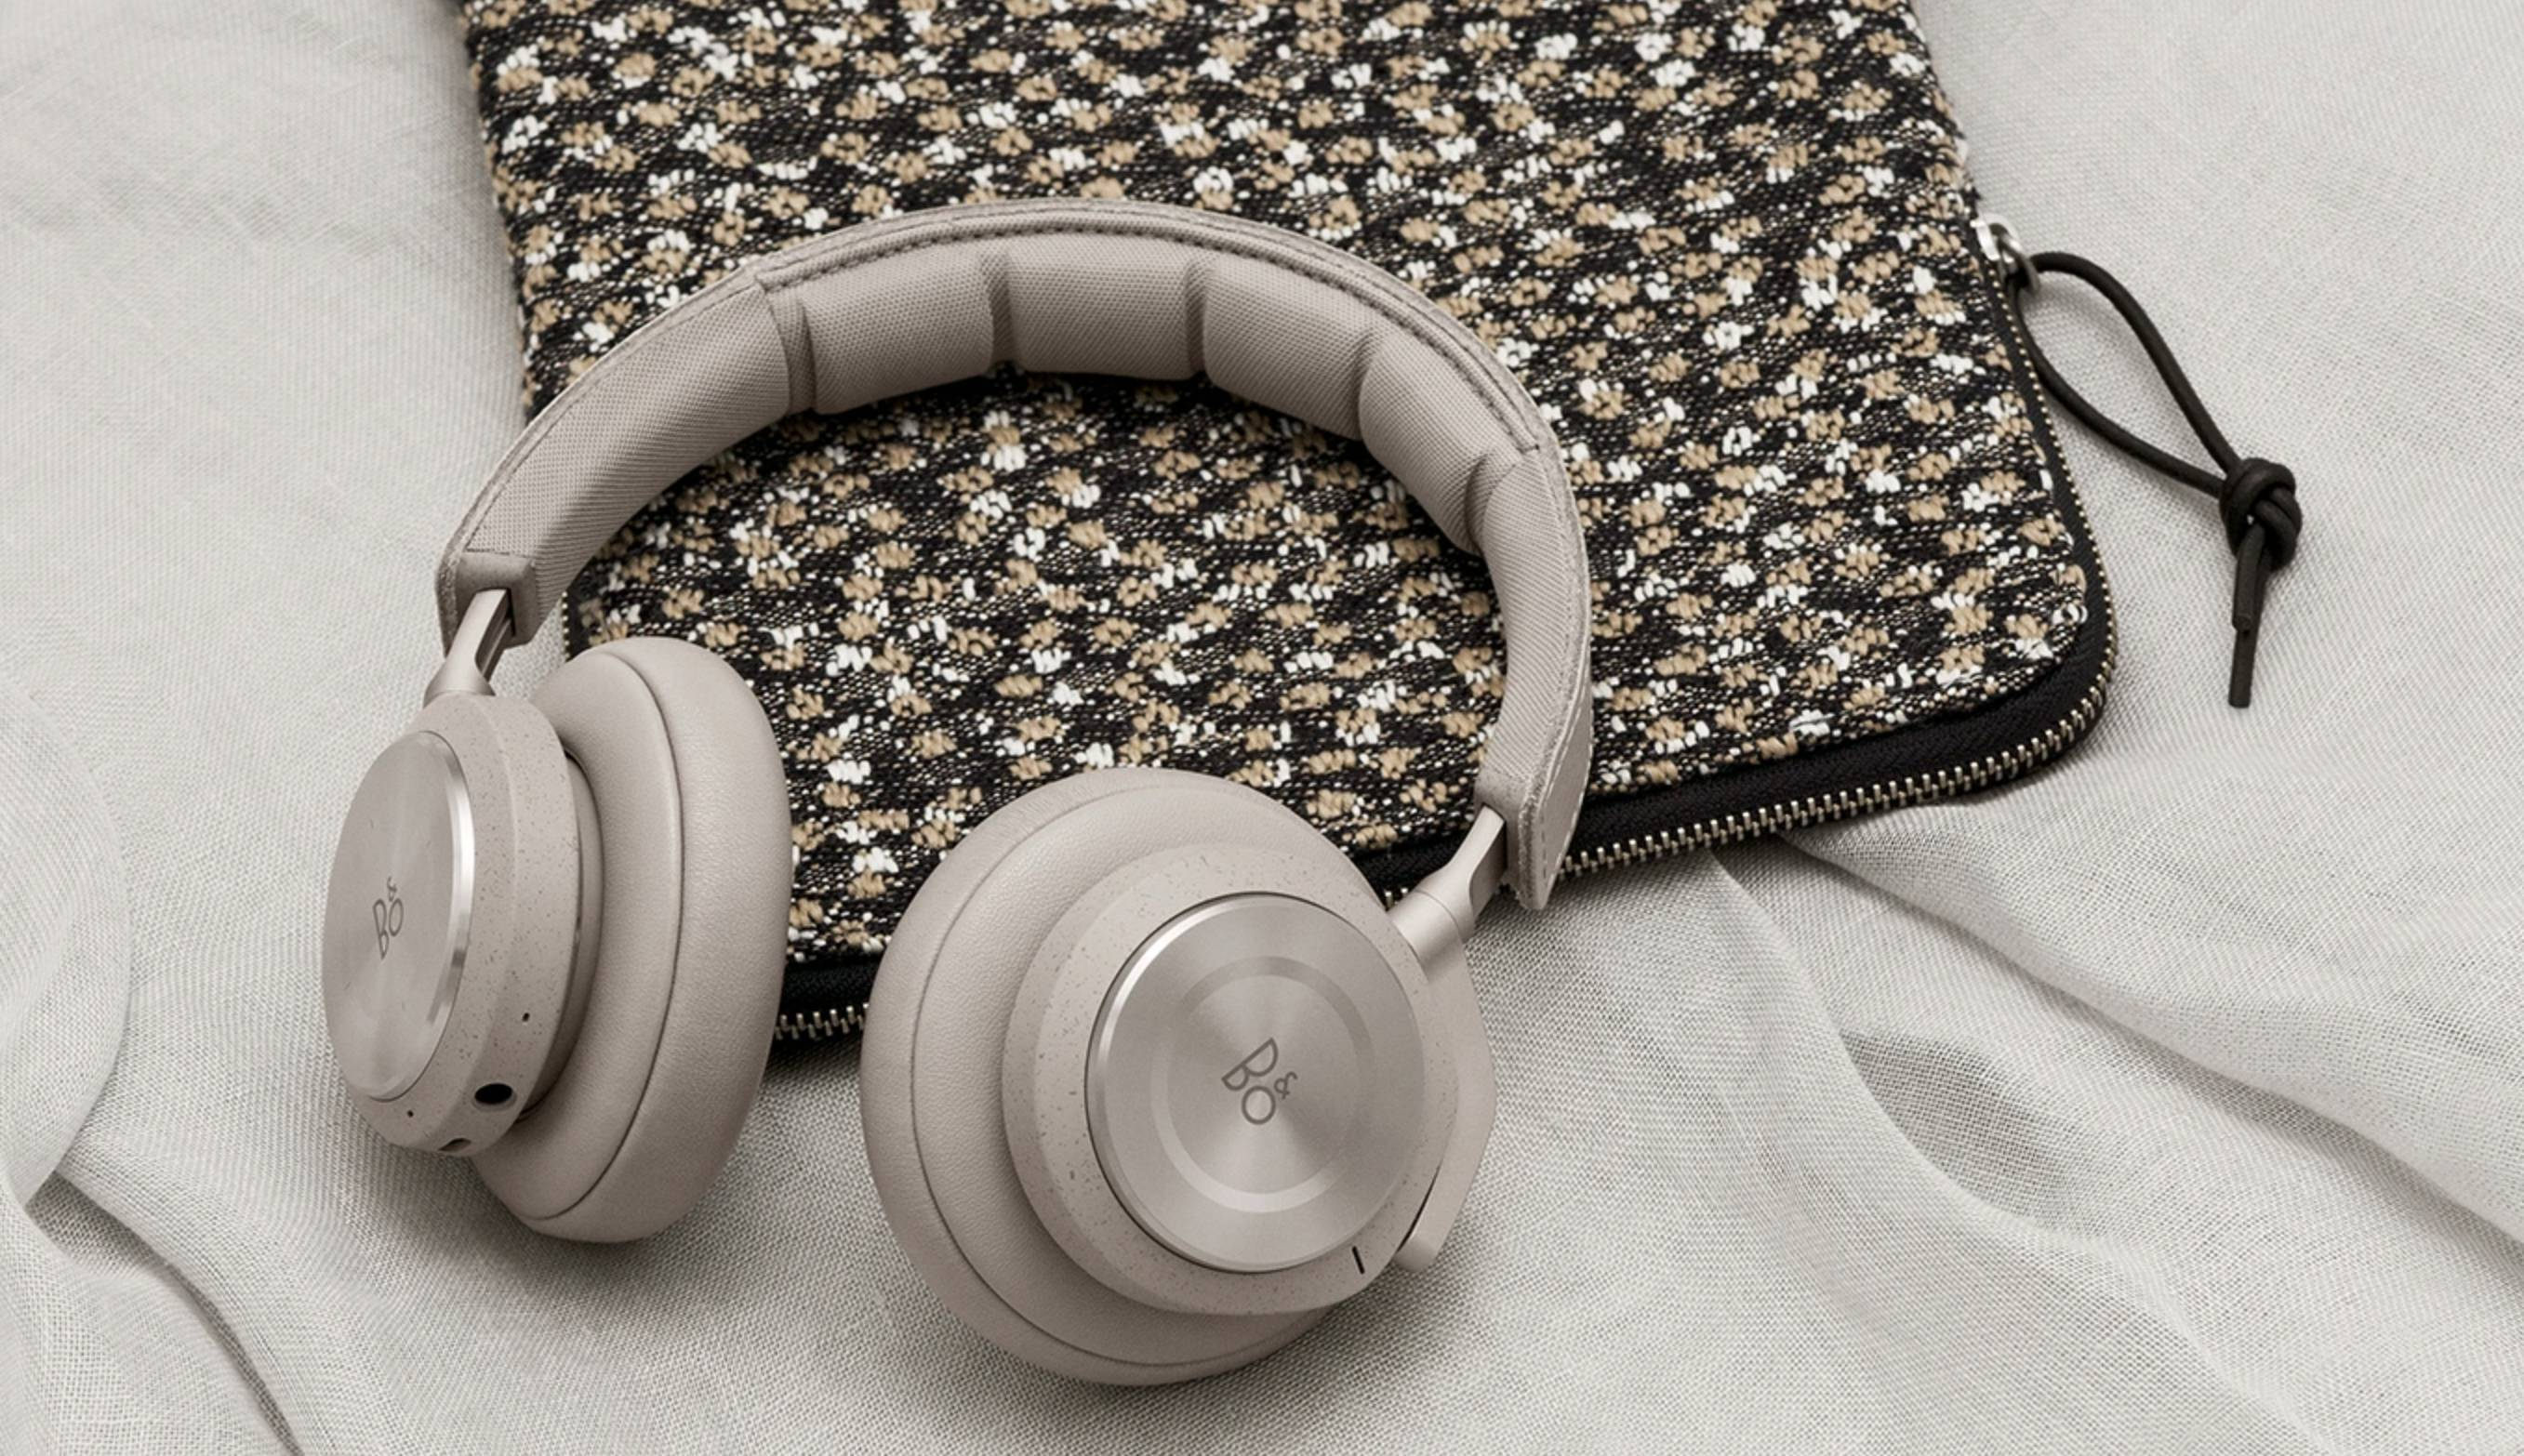 Producten getagd met B&o speakers ander merk tv